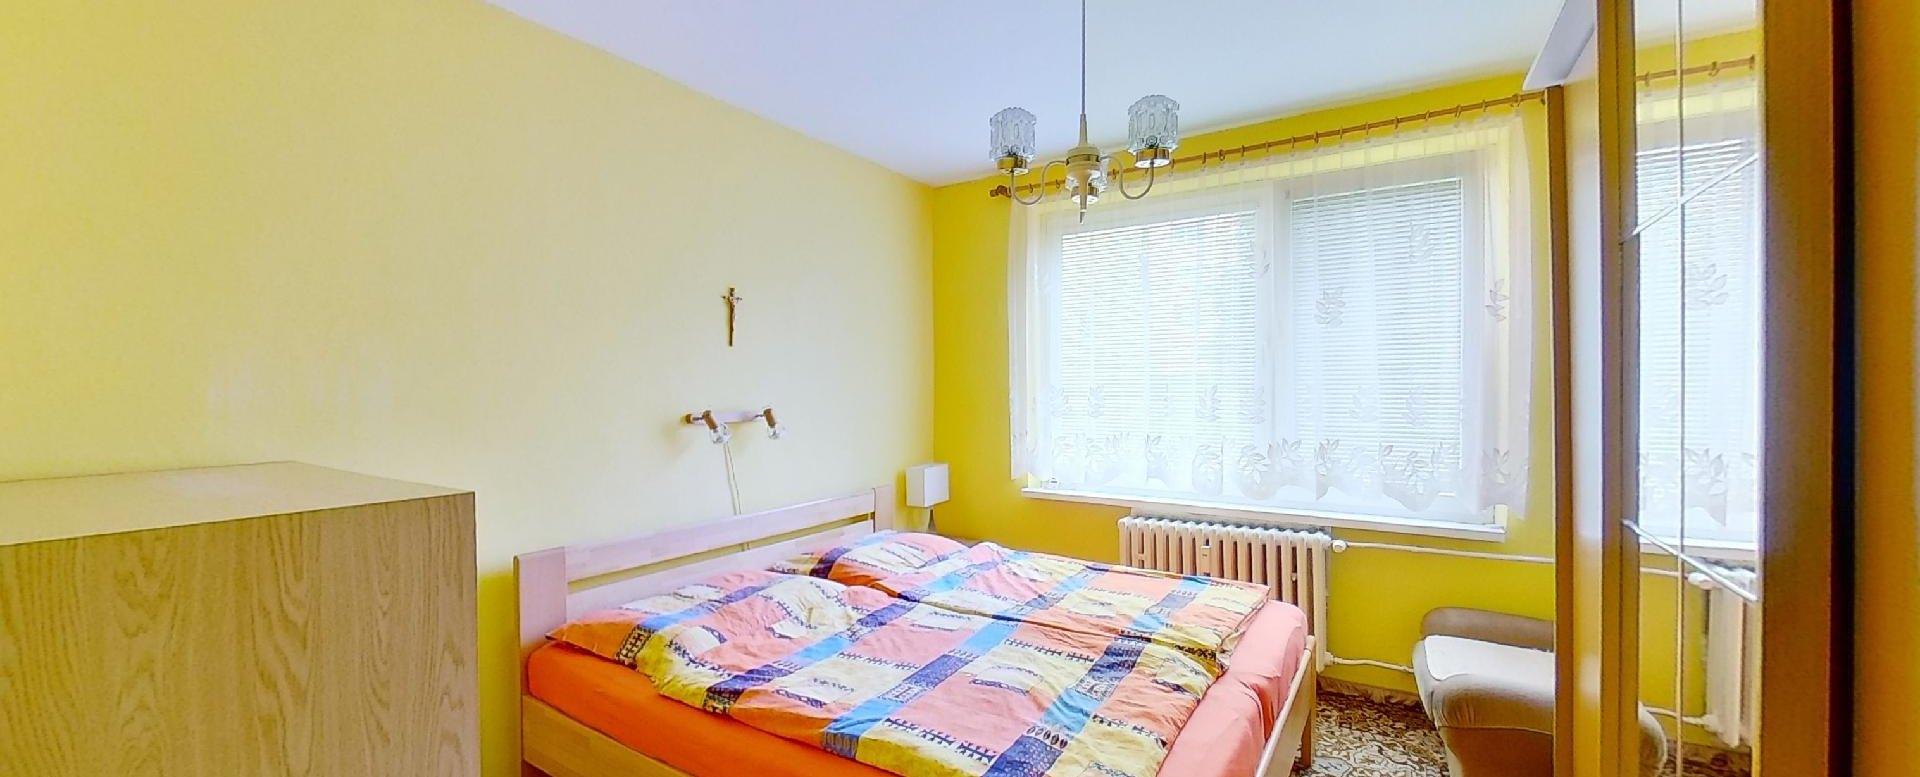 spálňa a manželská posteľ